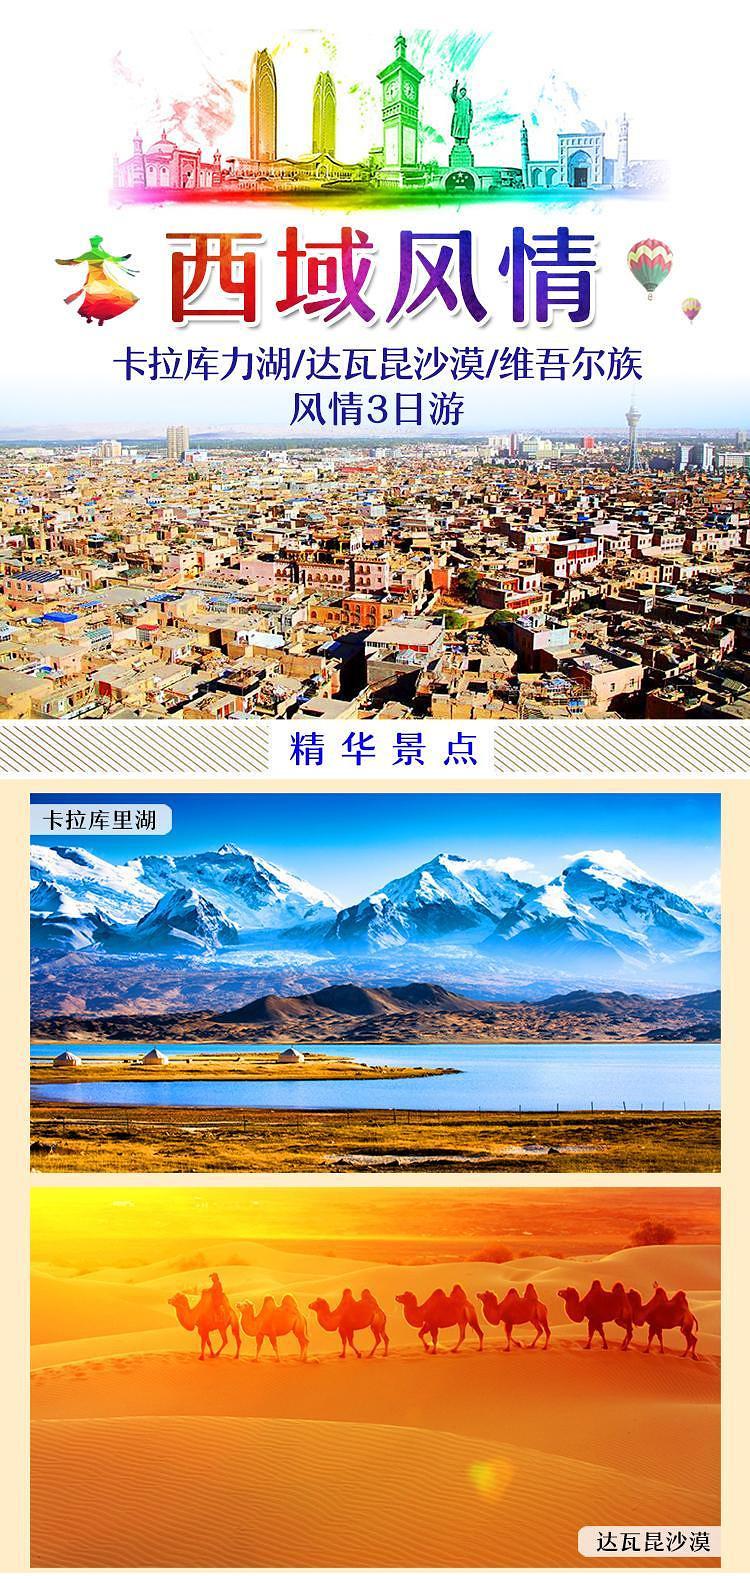 喀什旅游封面图片素材